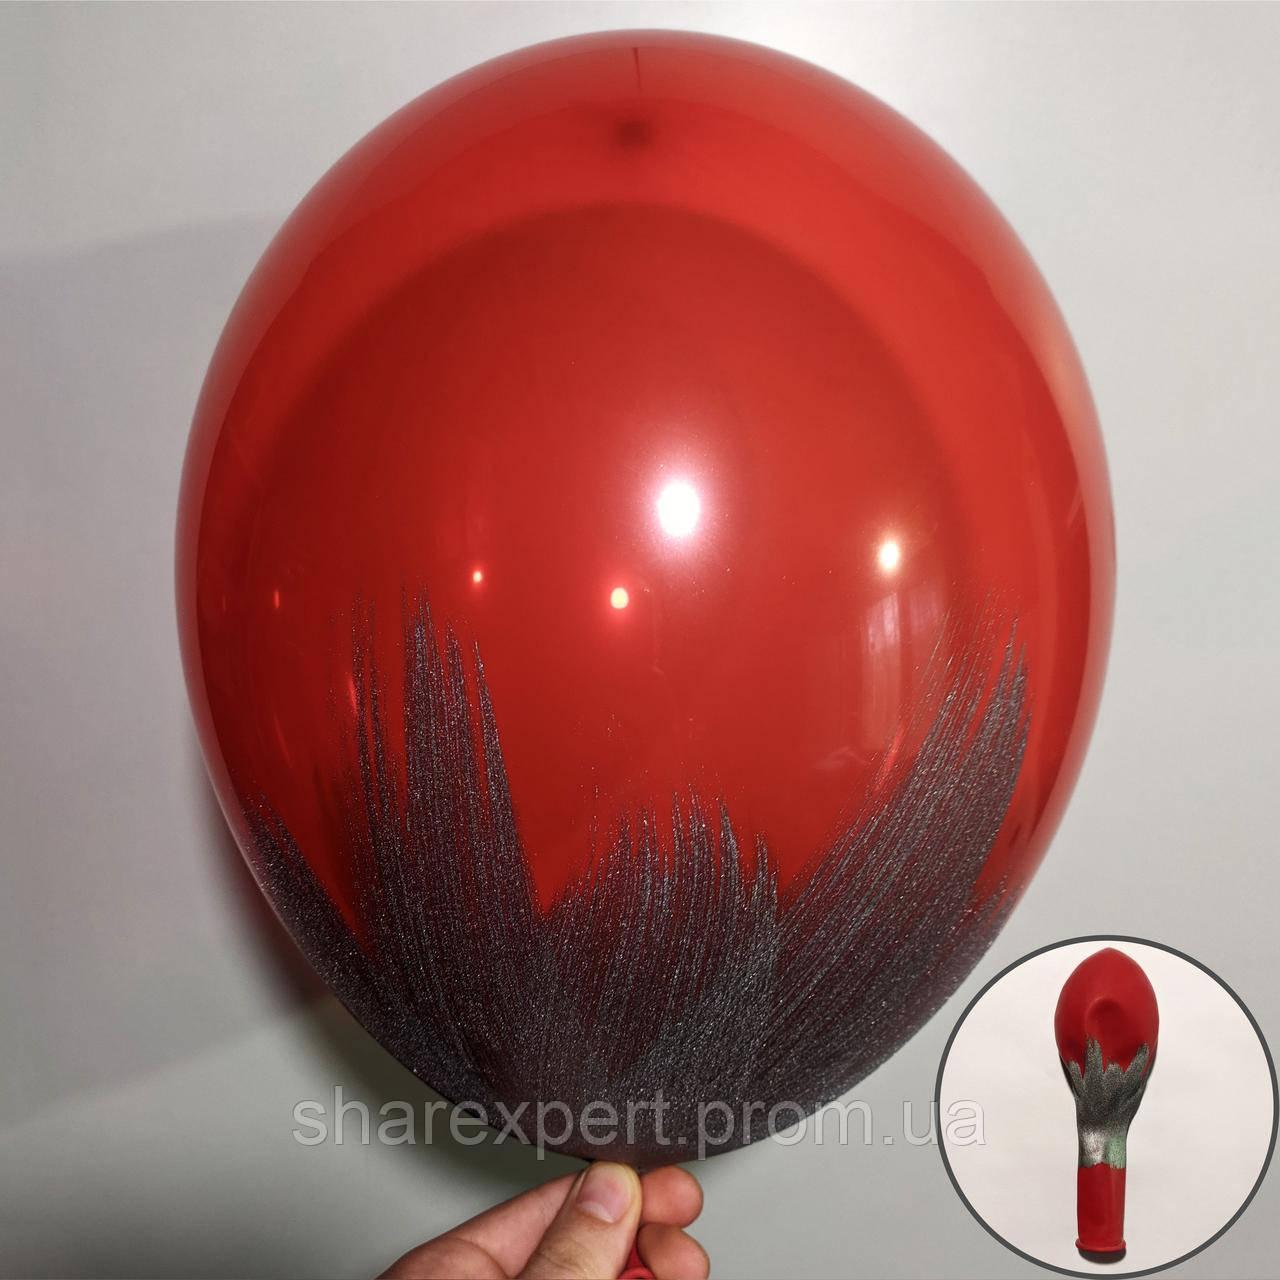 Срібло на Червоних(кристал) латексних кульках